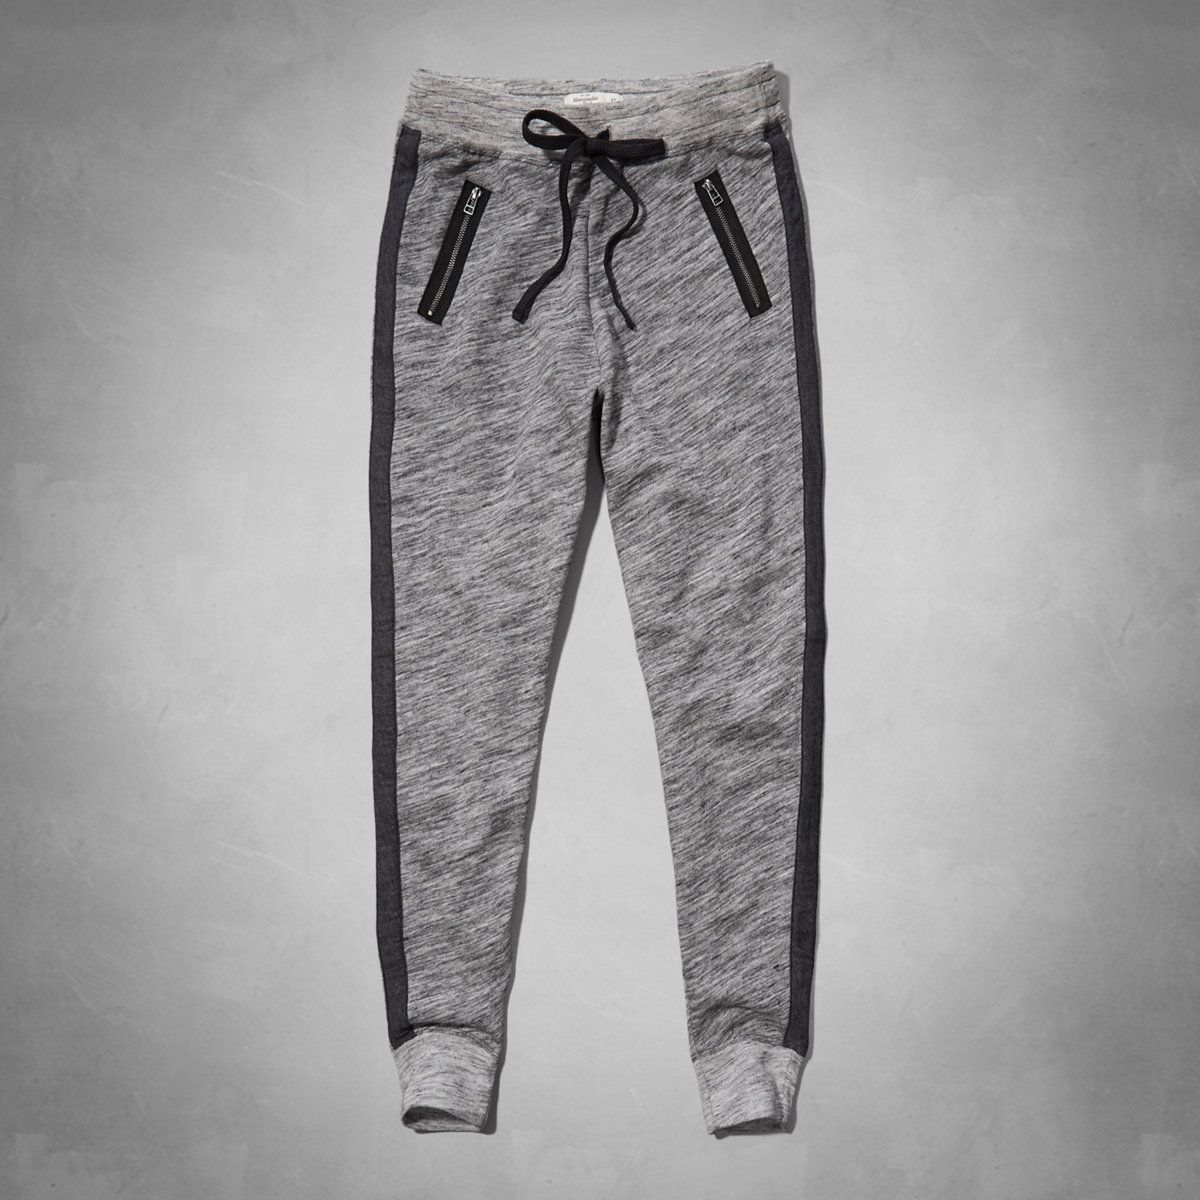 5a65793ba7099 calças de moletom femininas com bolsos em ziper